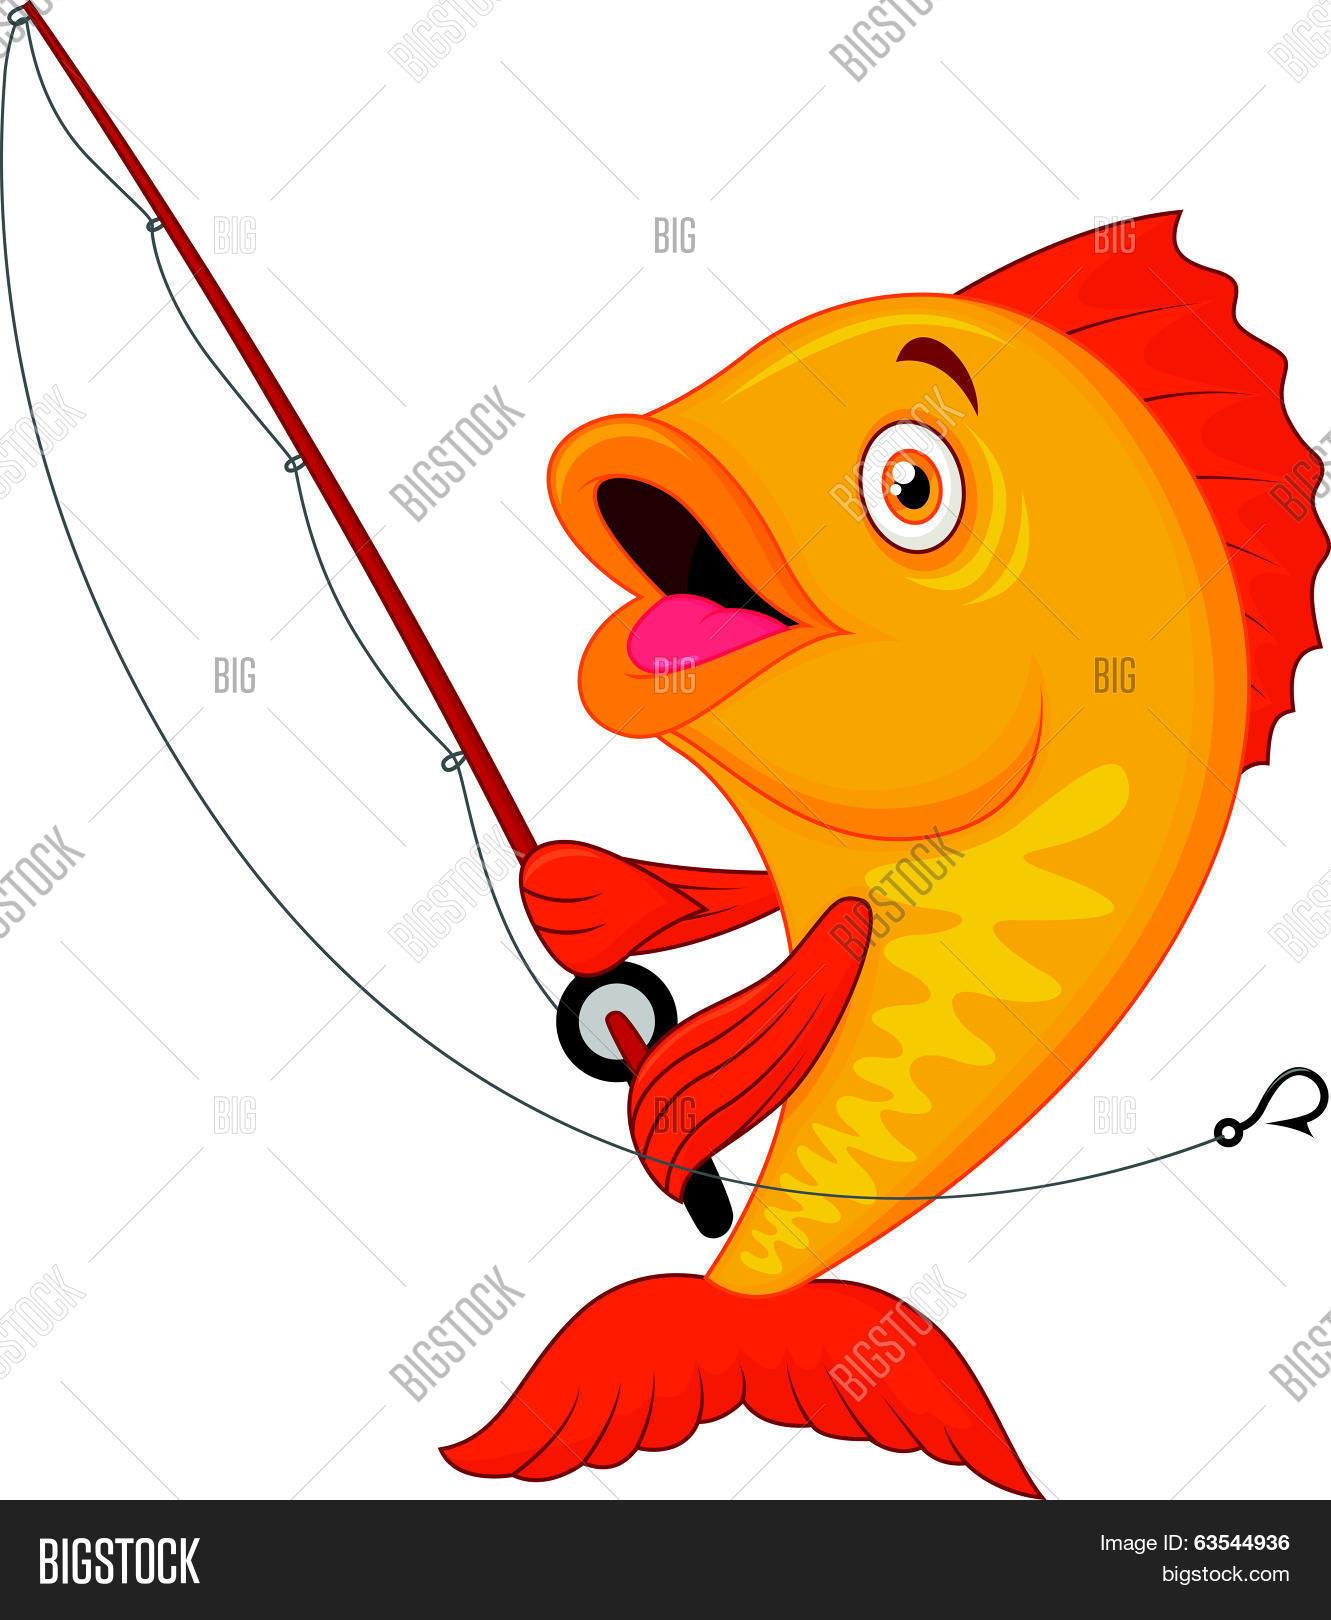 Cute Fish Cartoon Vector Photo Free Trial Bigstock